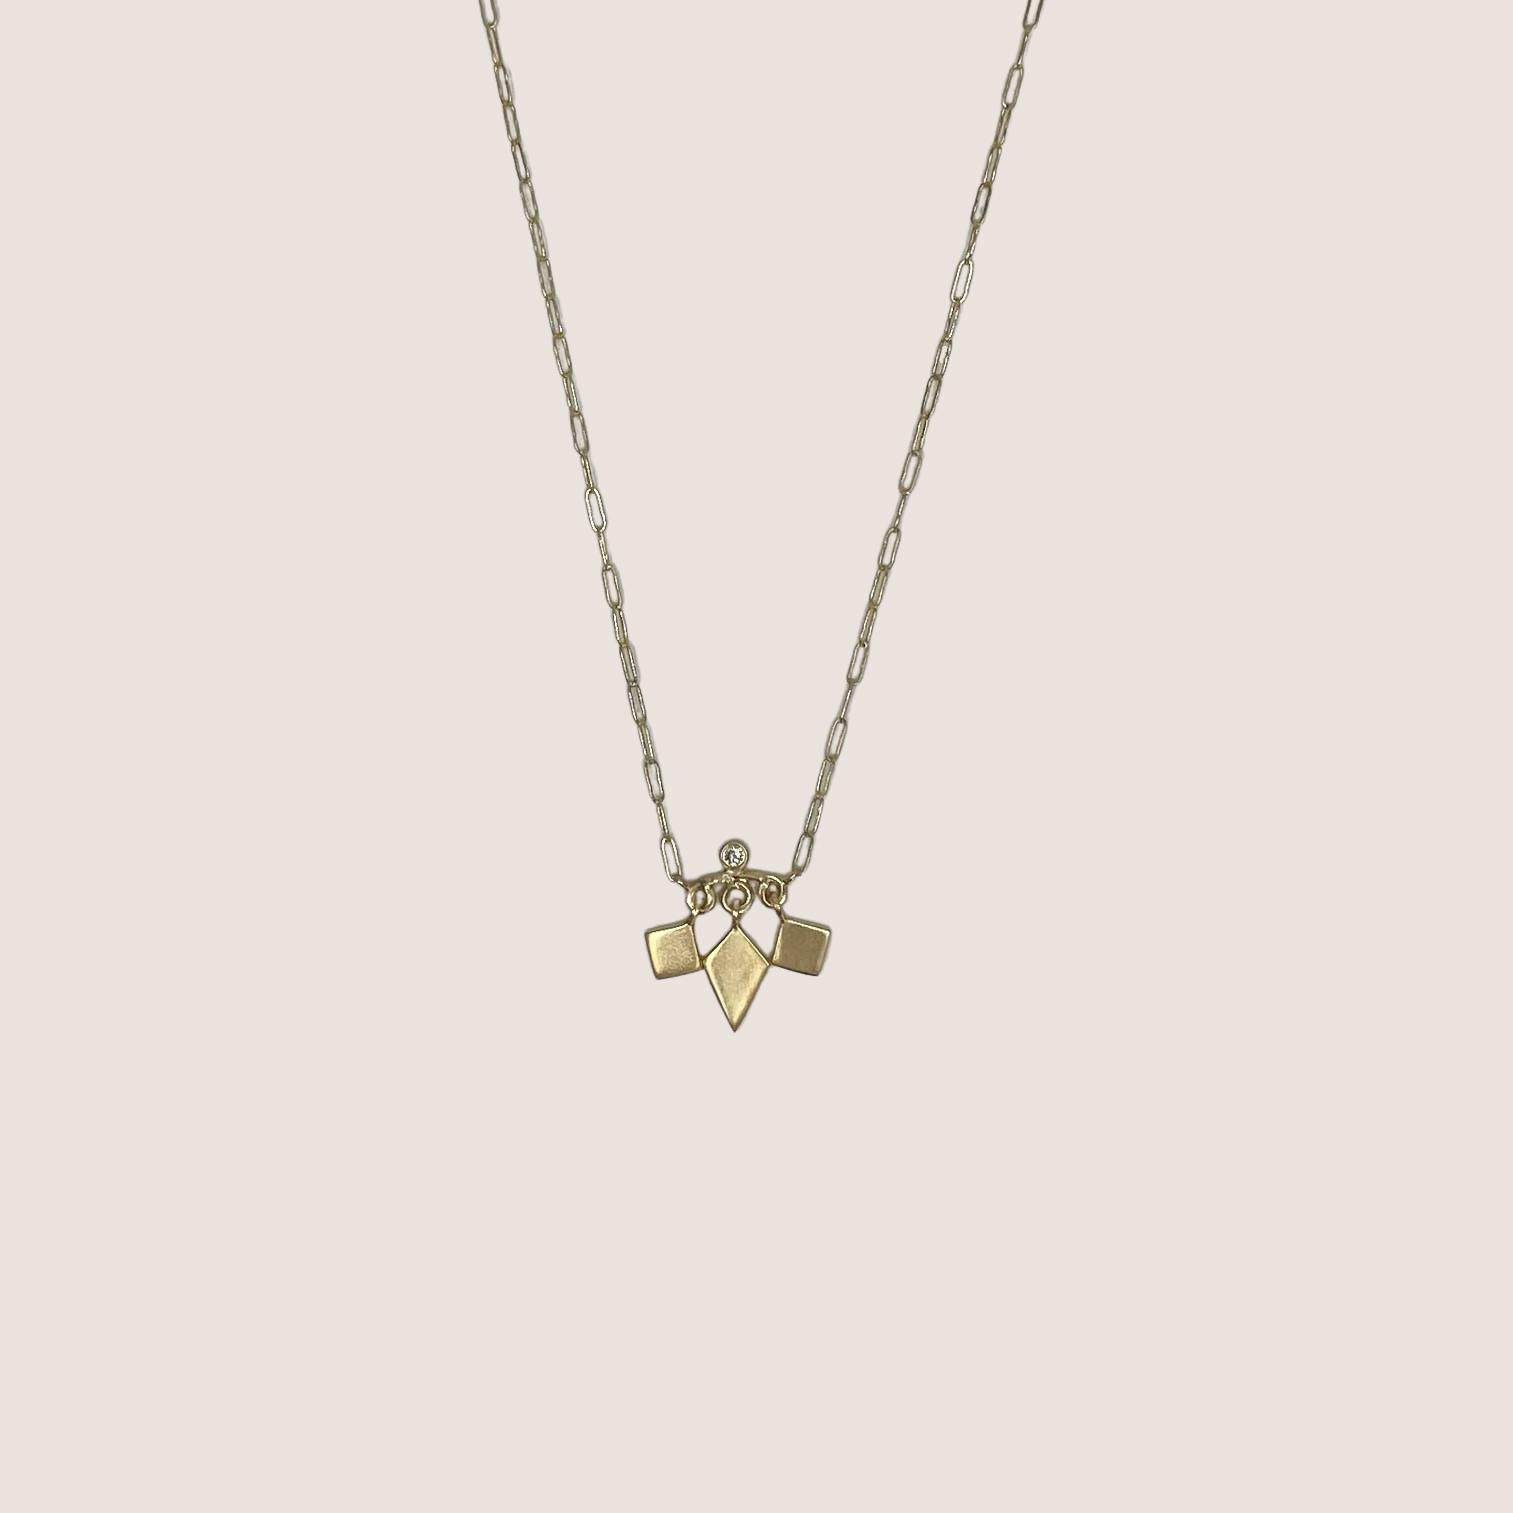 Persian Diamond Necklace